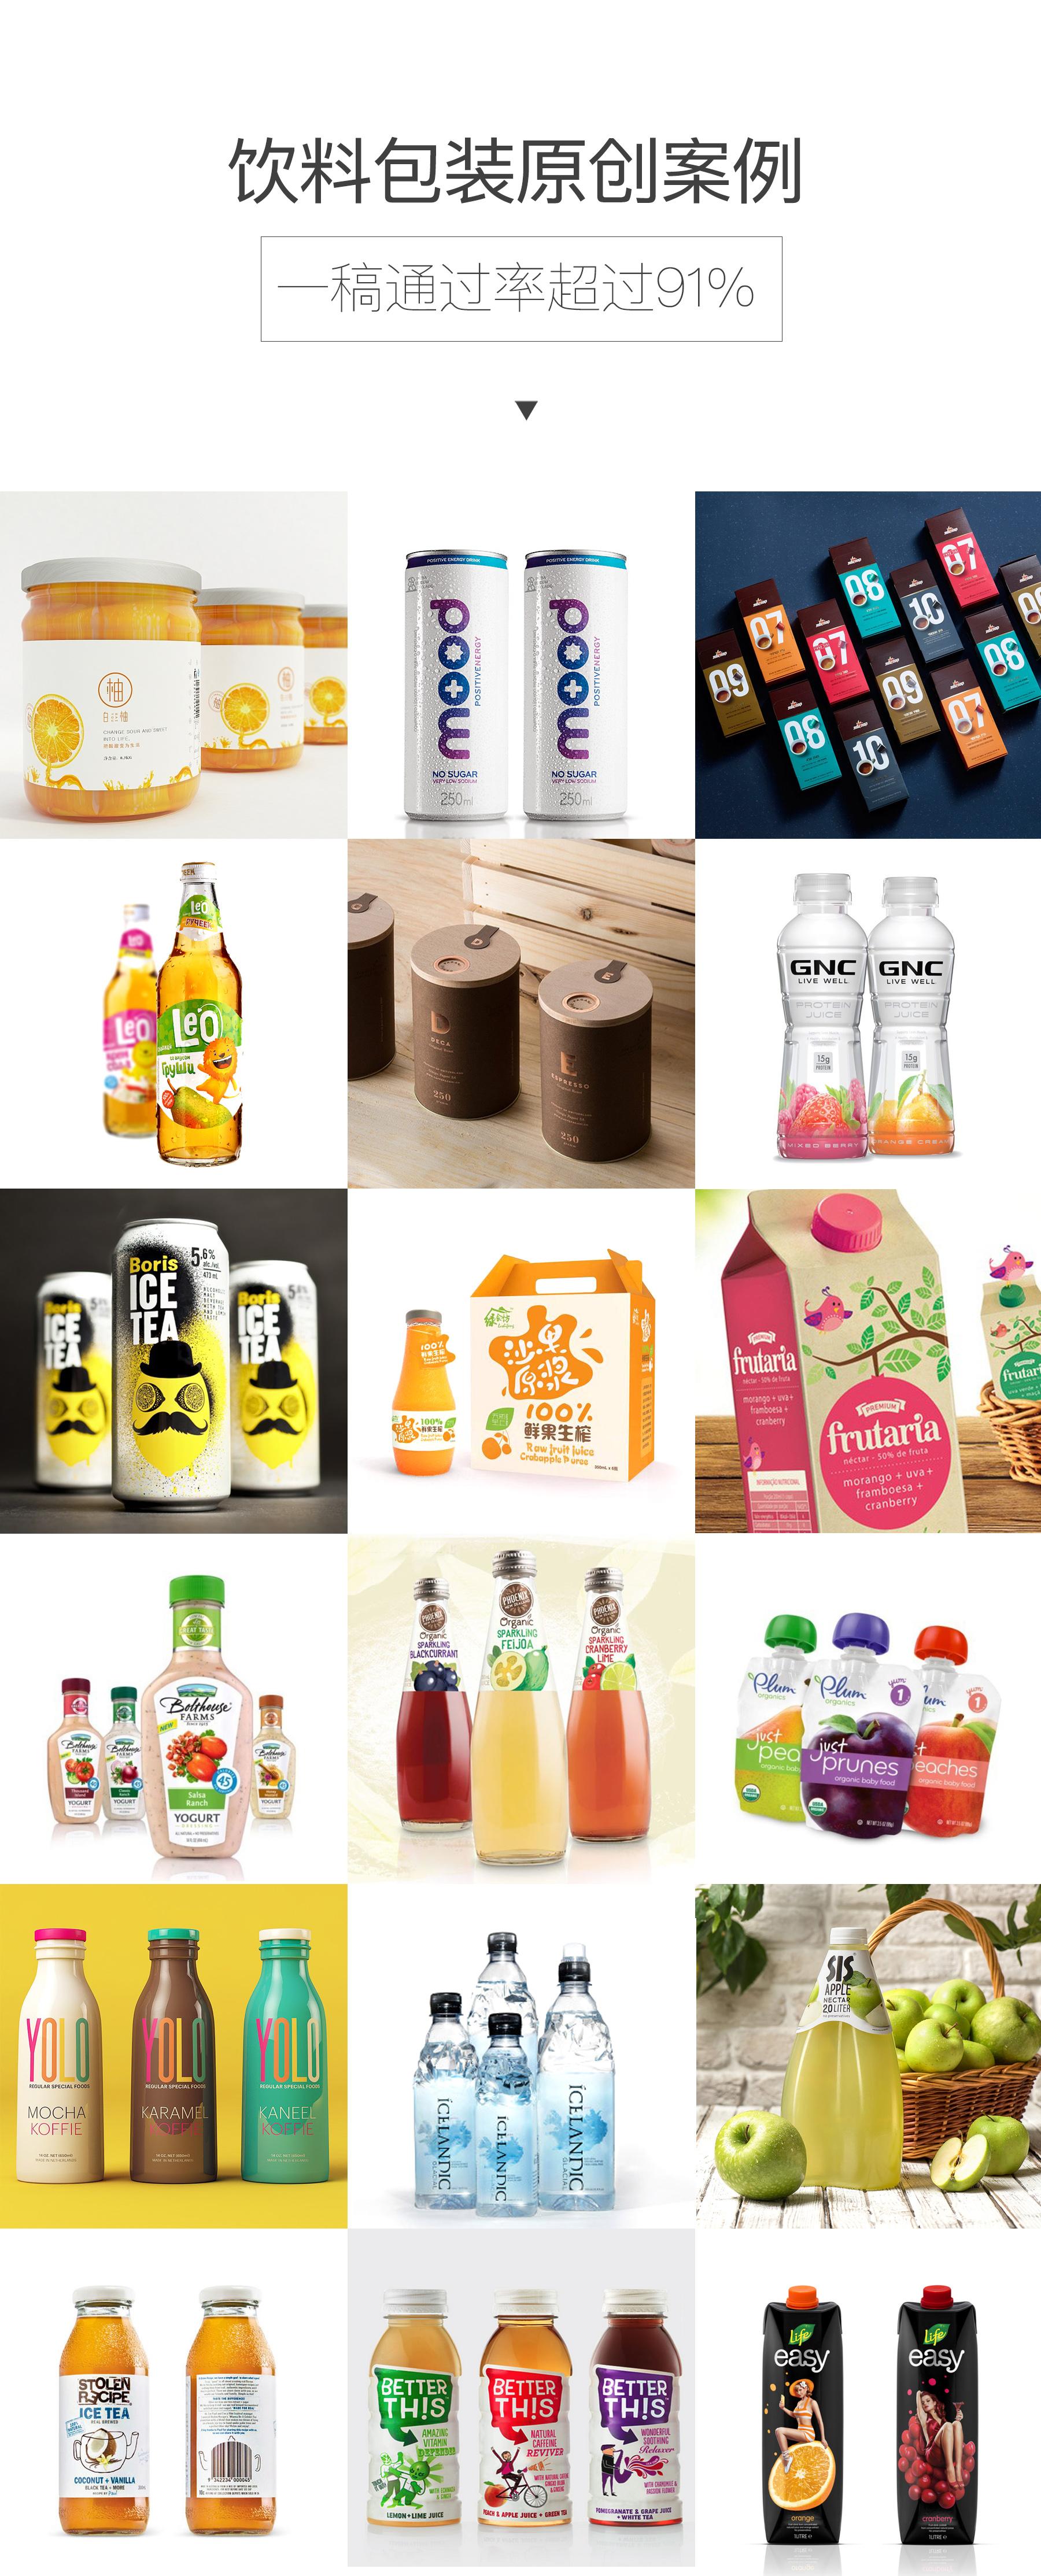 包装设计_【包装】食品酒水茶饮料红酒保健品农产品礼盒母婴原创包装设计9